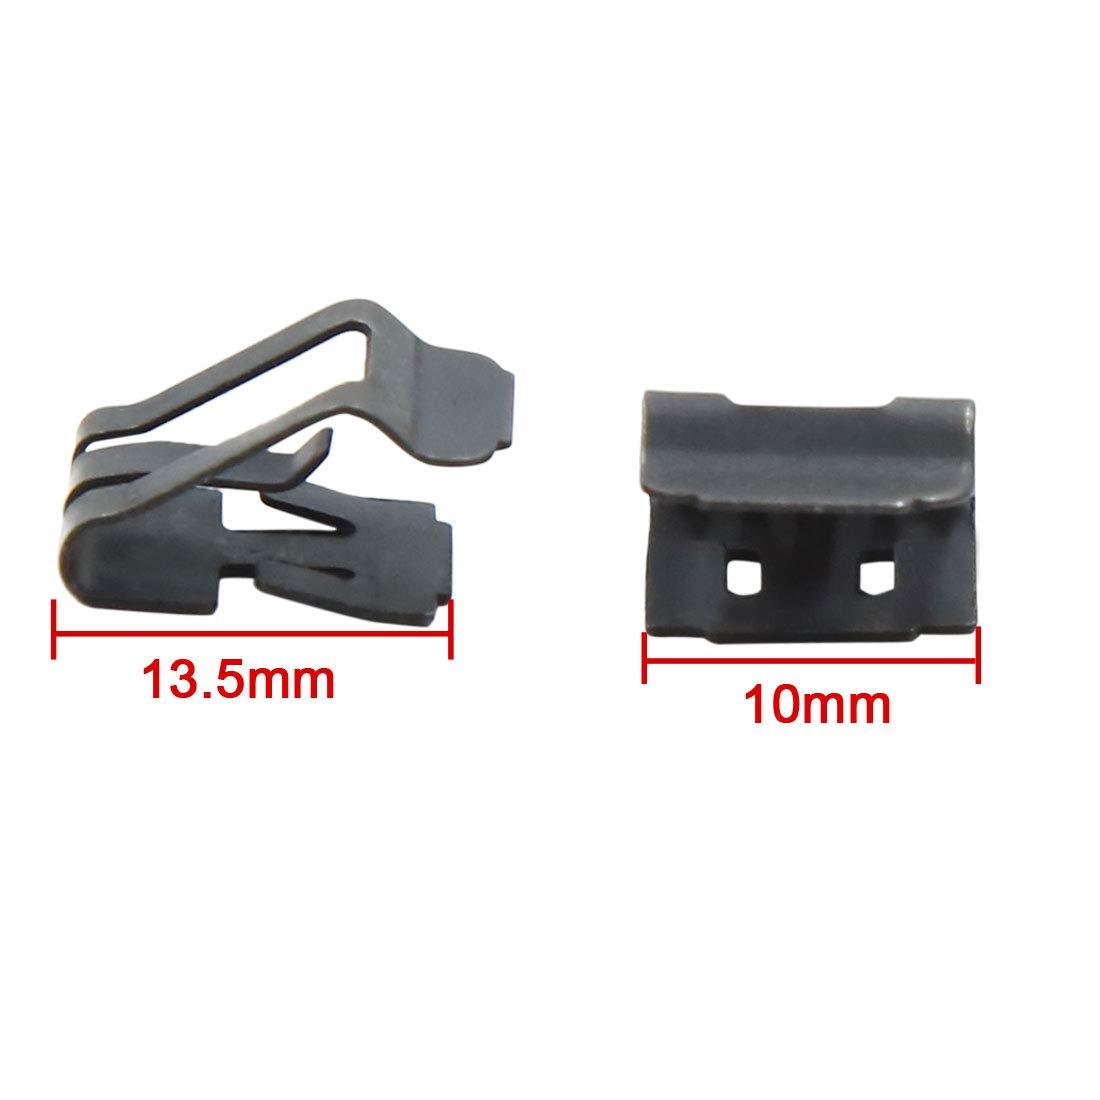 X AUTOHAUX 10pcs Console Retainers Car Instrument Clip Fastener 10mm x 13.5mm